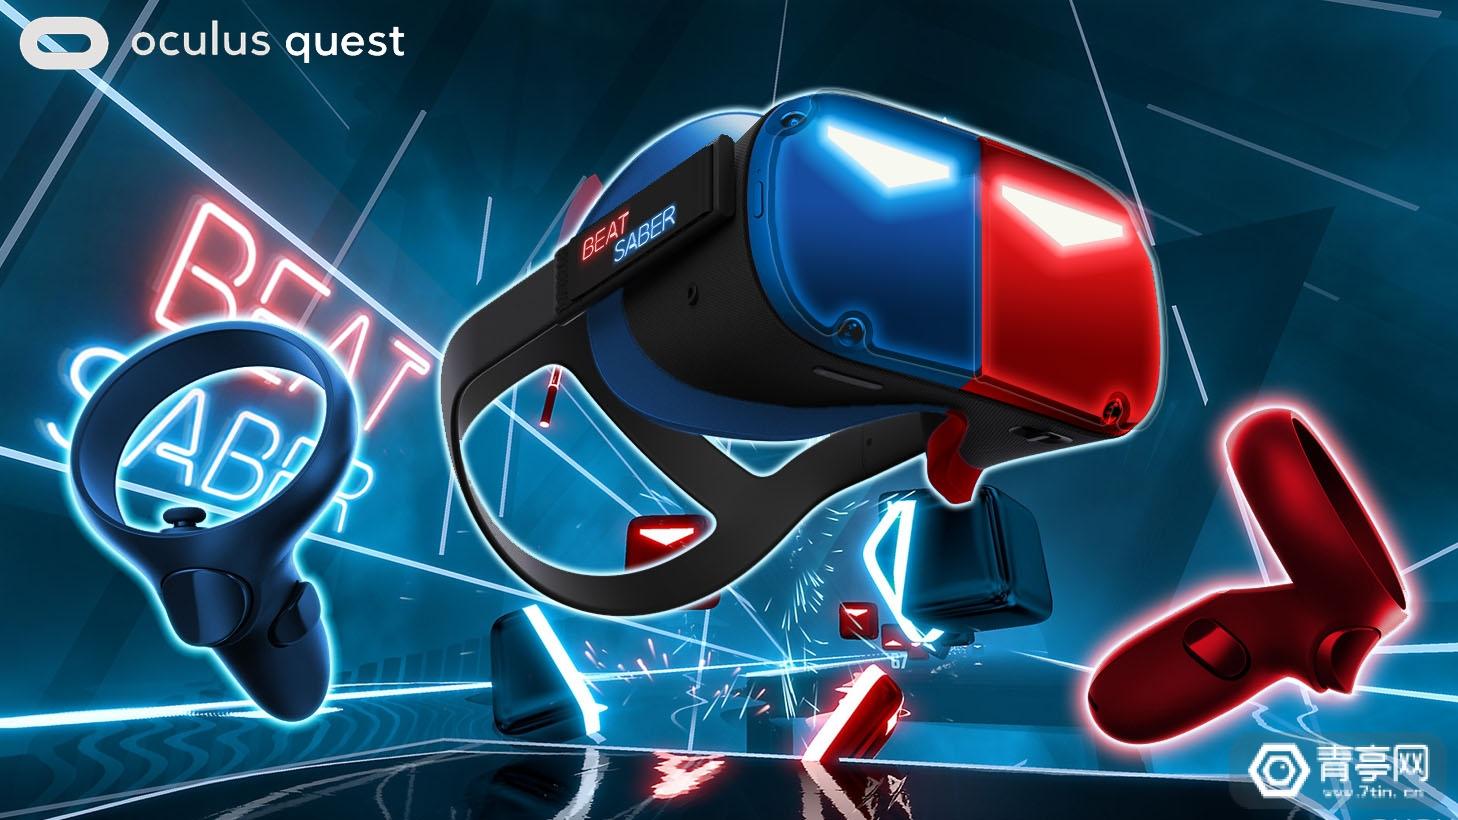 惊呆,粉丝为Oculus Quest设计游戏主题套装